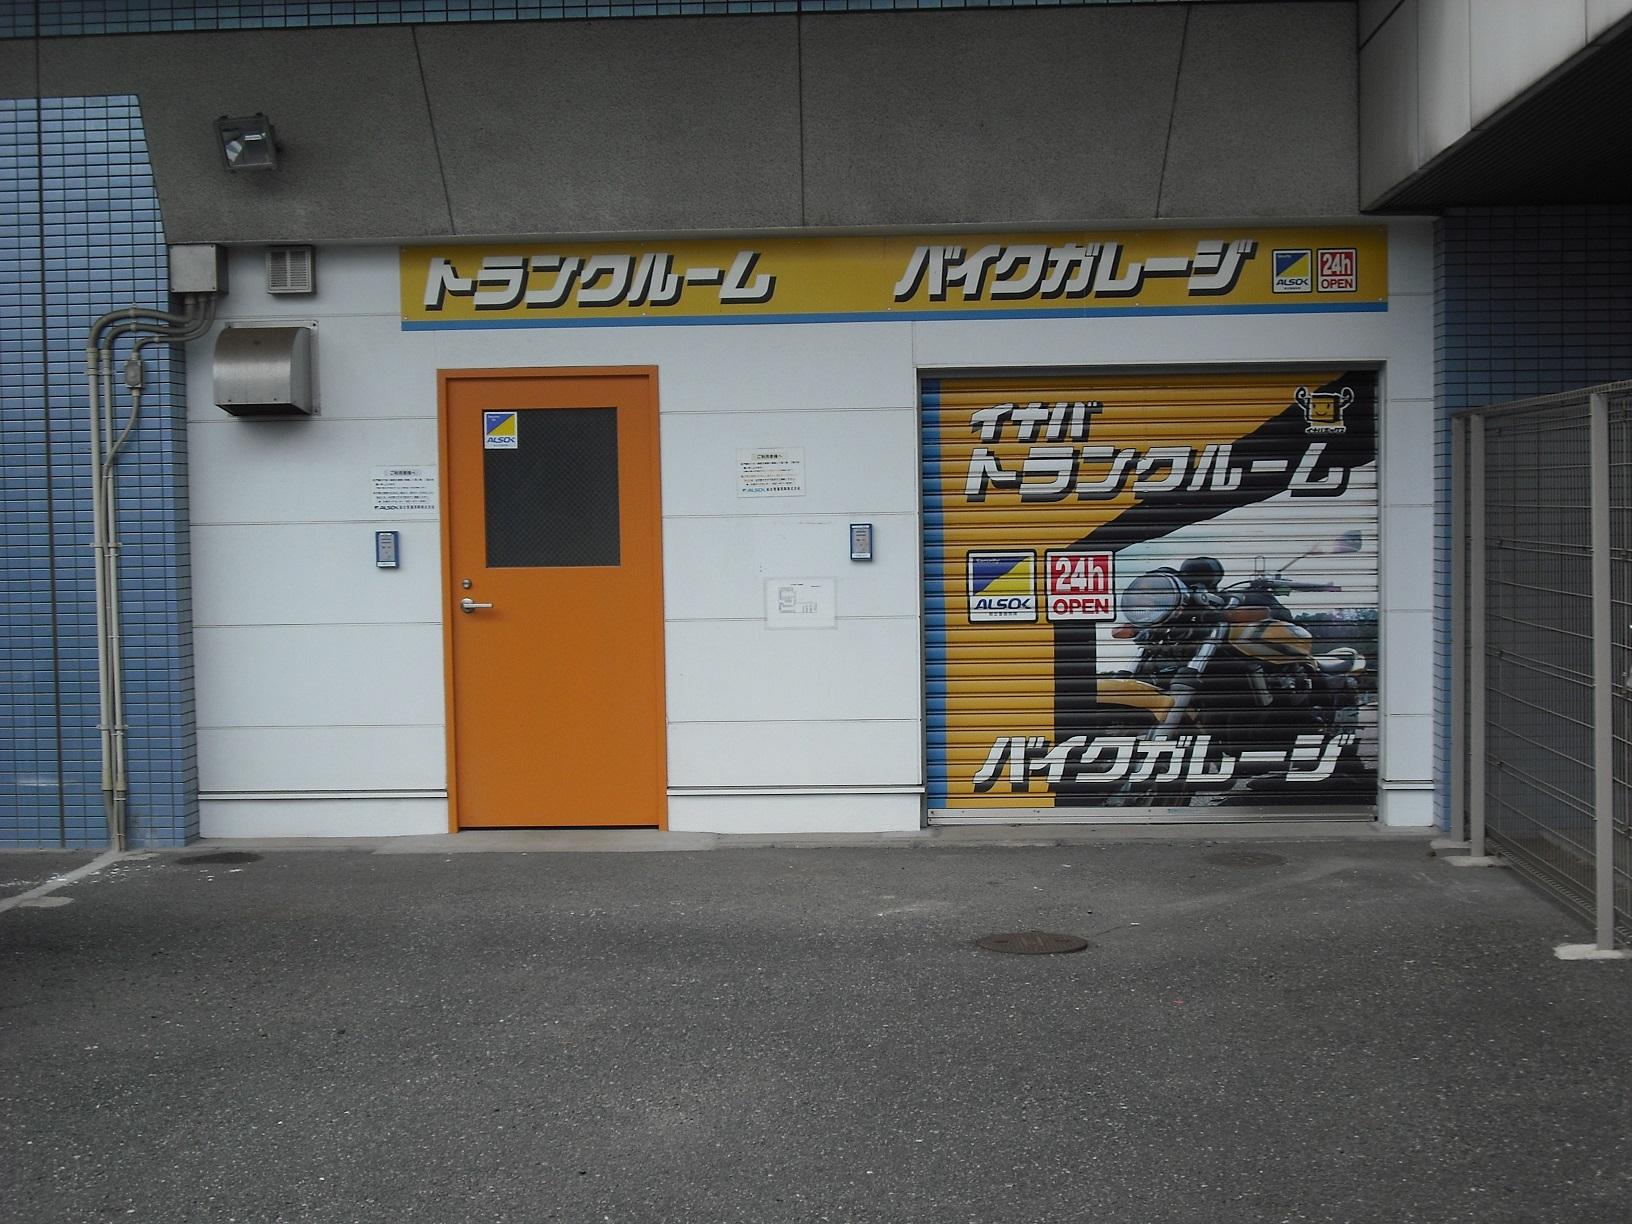 清水店 バイクガレージの入口